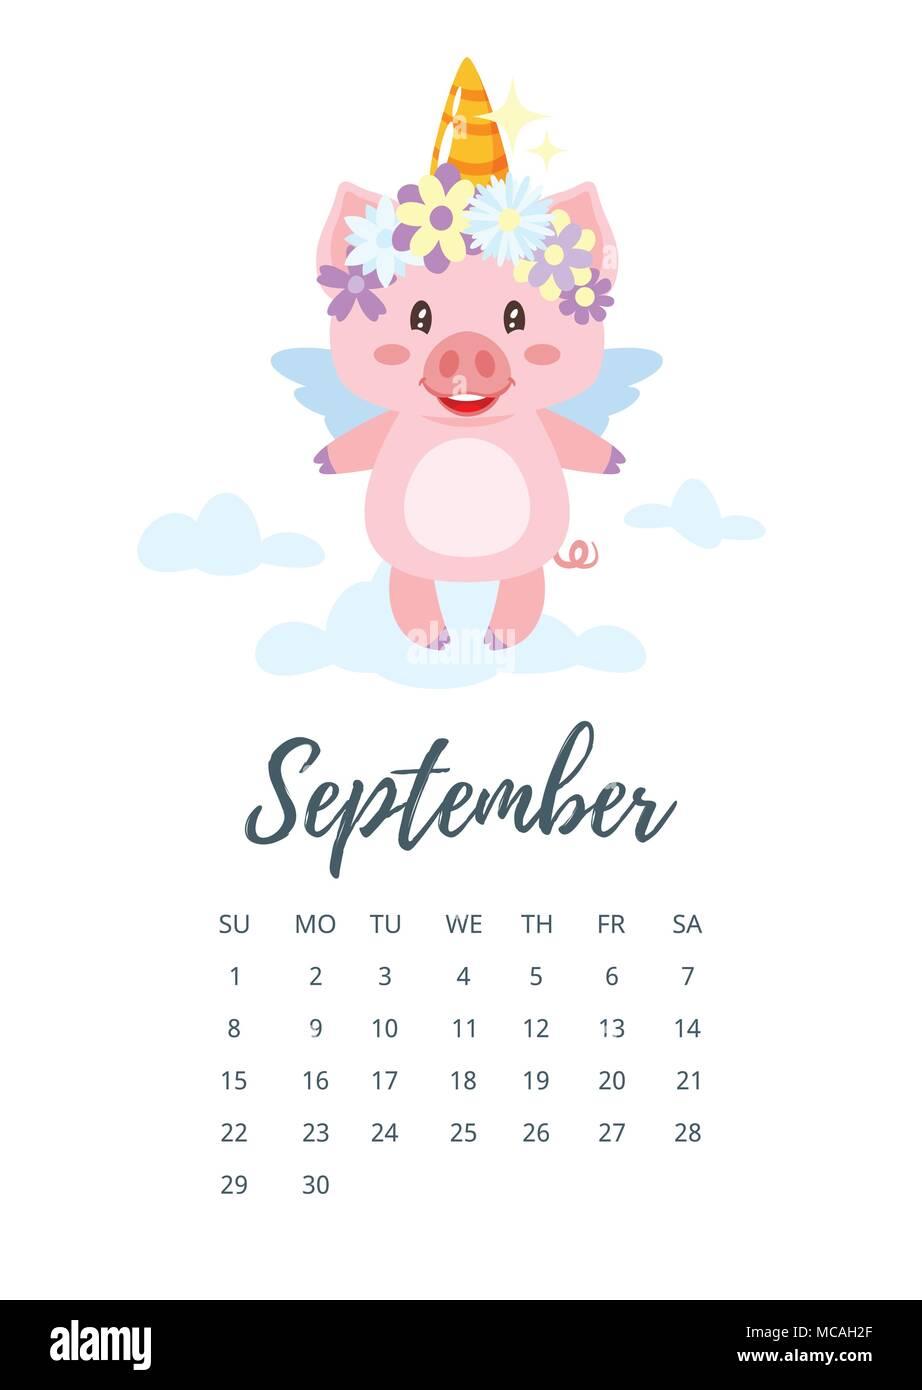 Calendario De Septiembre 2019 Para Imprimir Animado.Ilustracion Del Estilo De Dibujos Animados De Vectores De